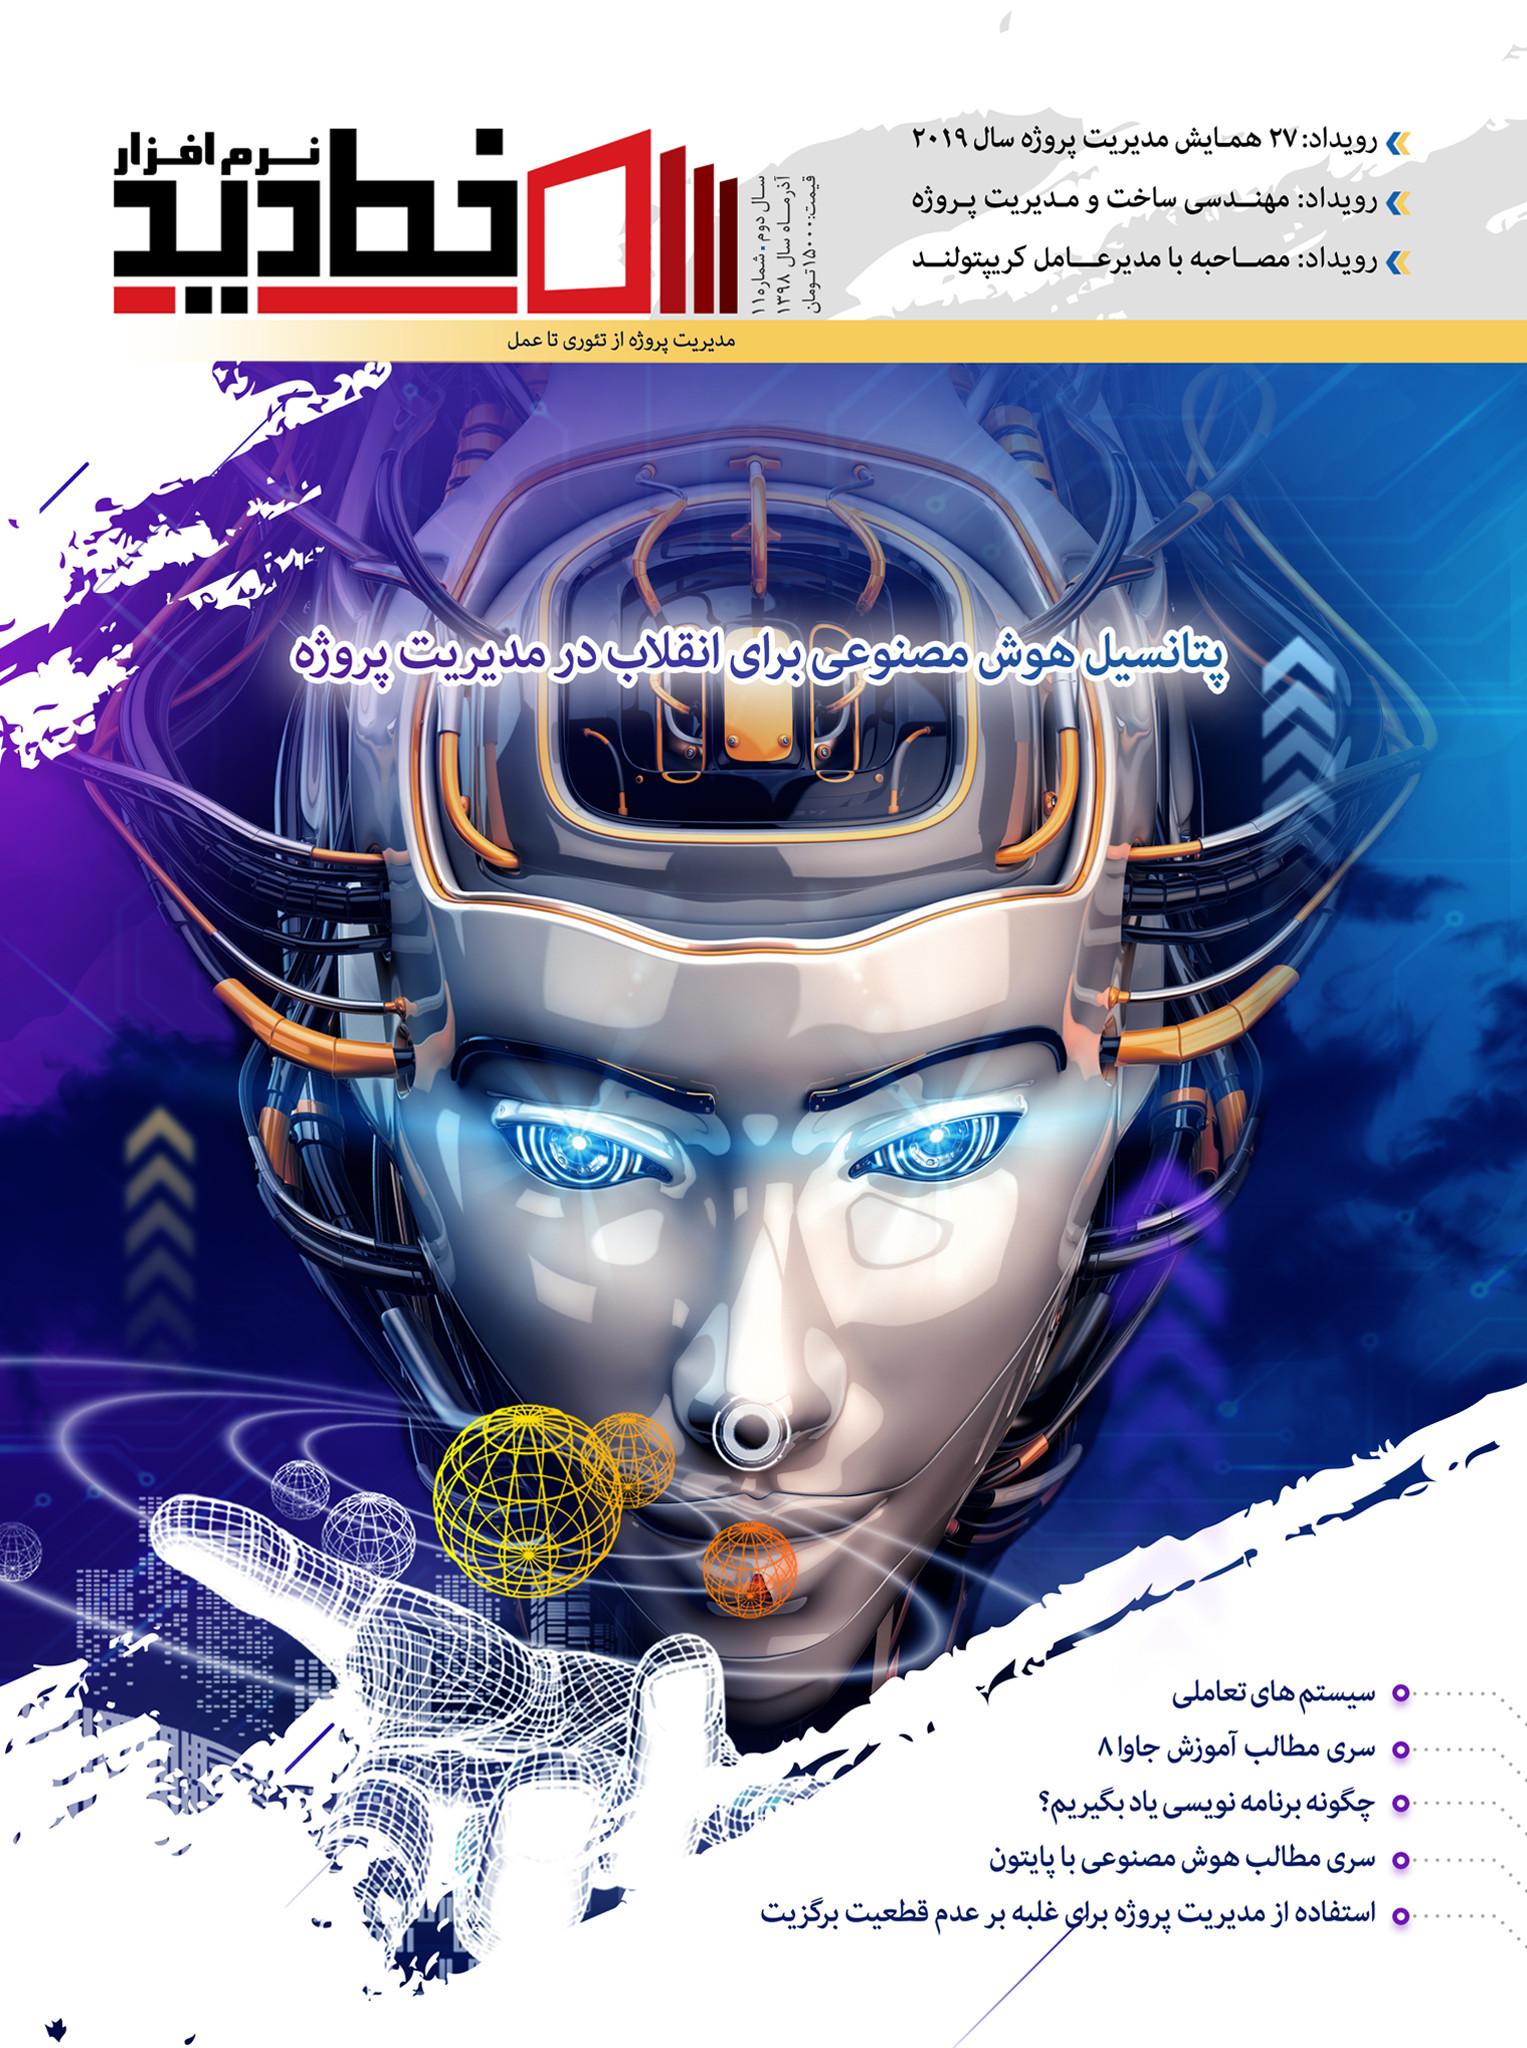 مجله خط دید - شماره ۱۱ آذر ۱۳۹۸